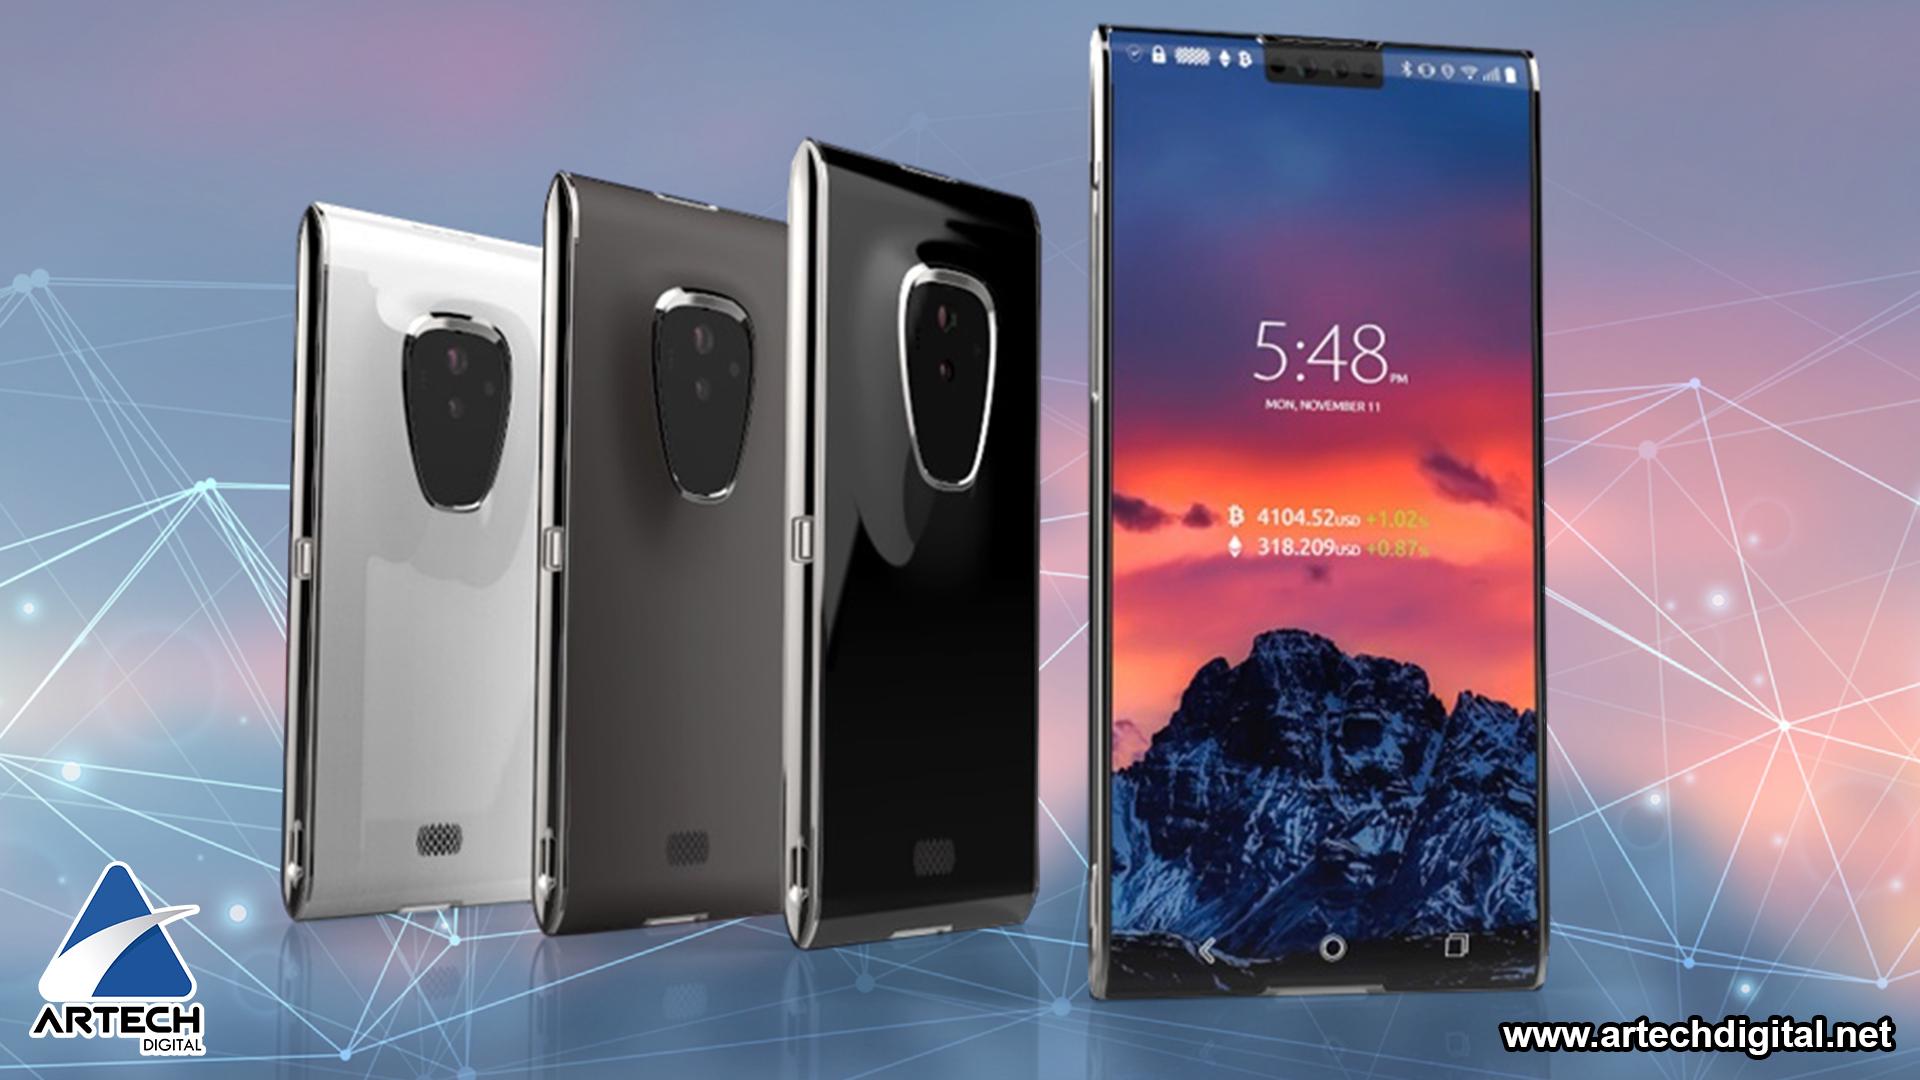 Finney, el nuevo y primer smartphone basado en la tecnología Blockchain